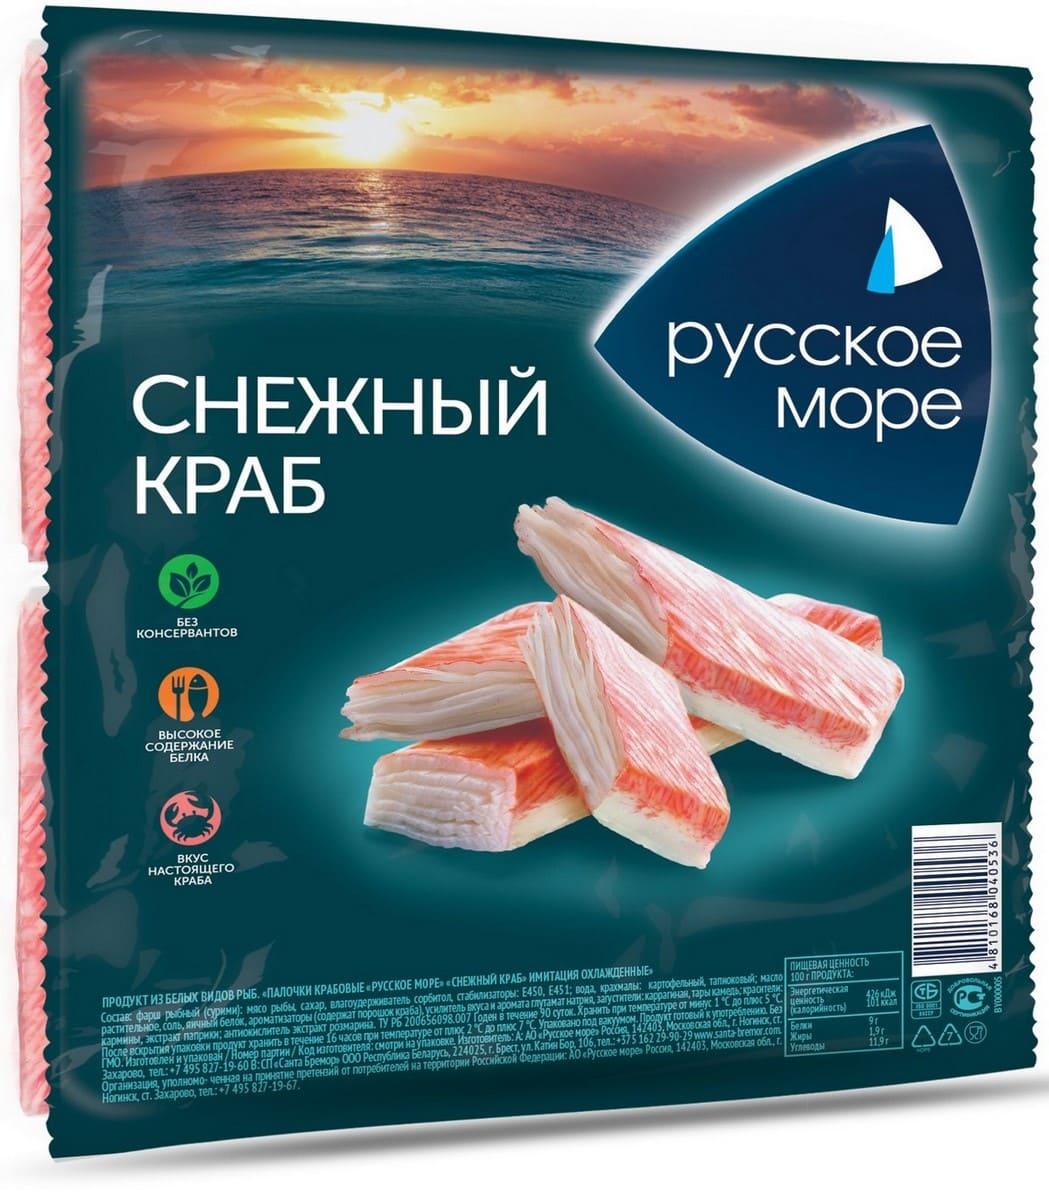 Снежный краб Русское Море